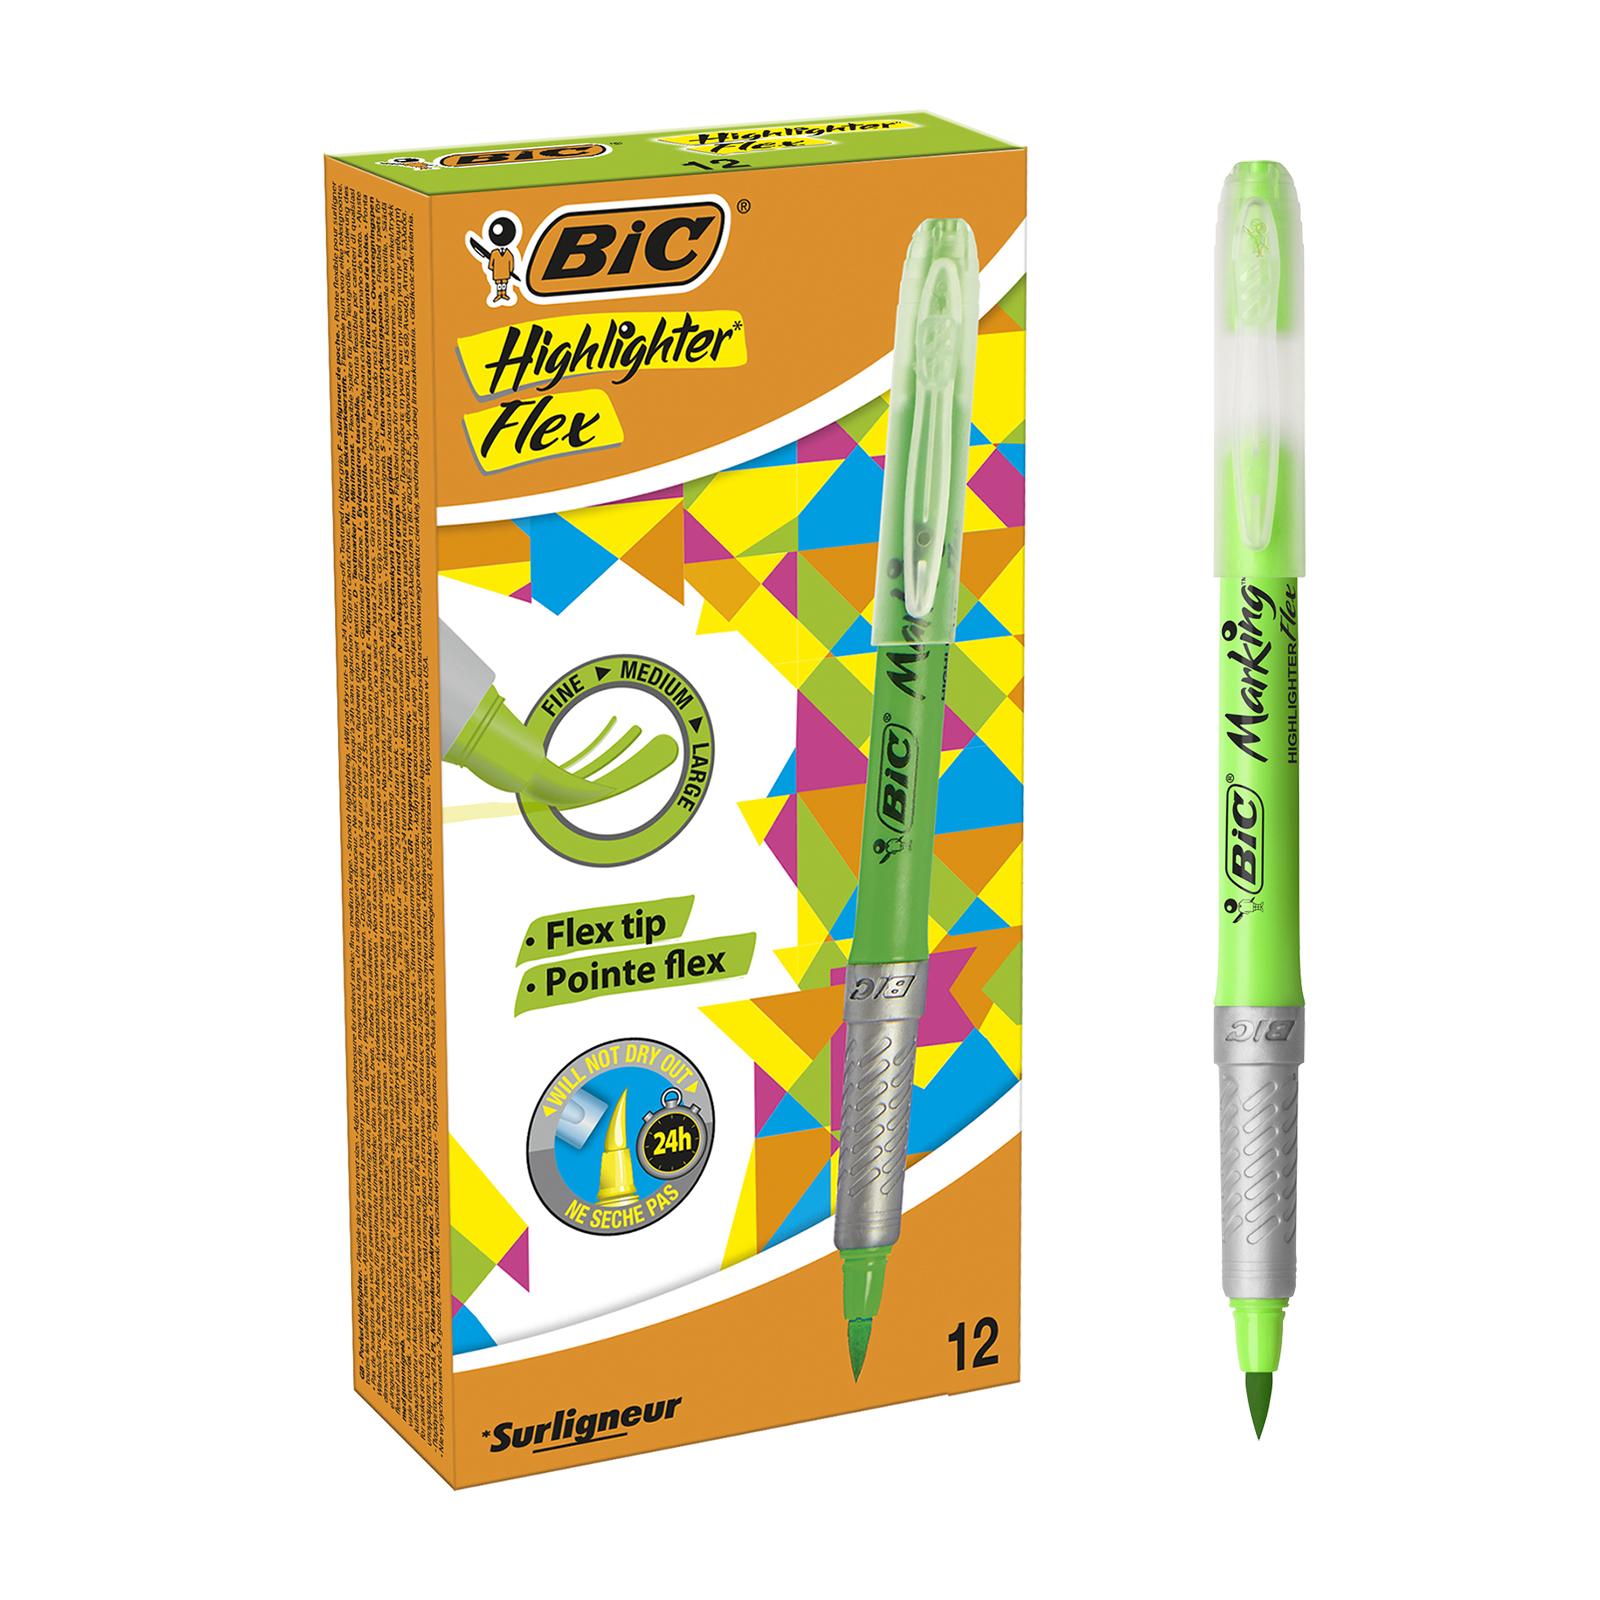 BIC Highlighter Flex - Pack de 12 surligneurs - vert